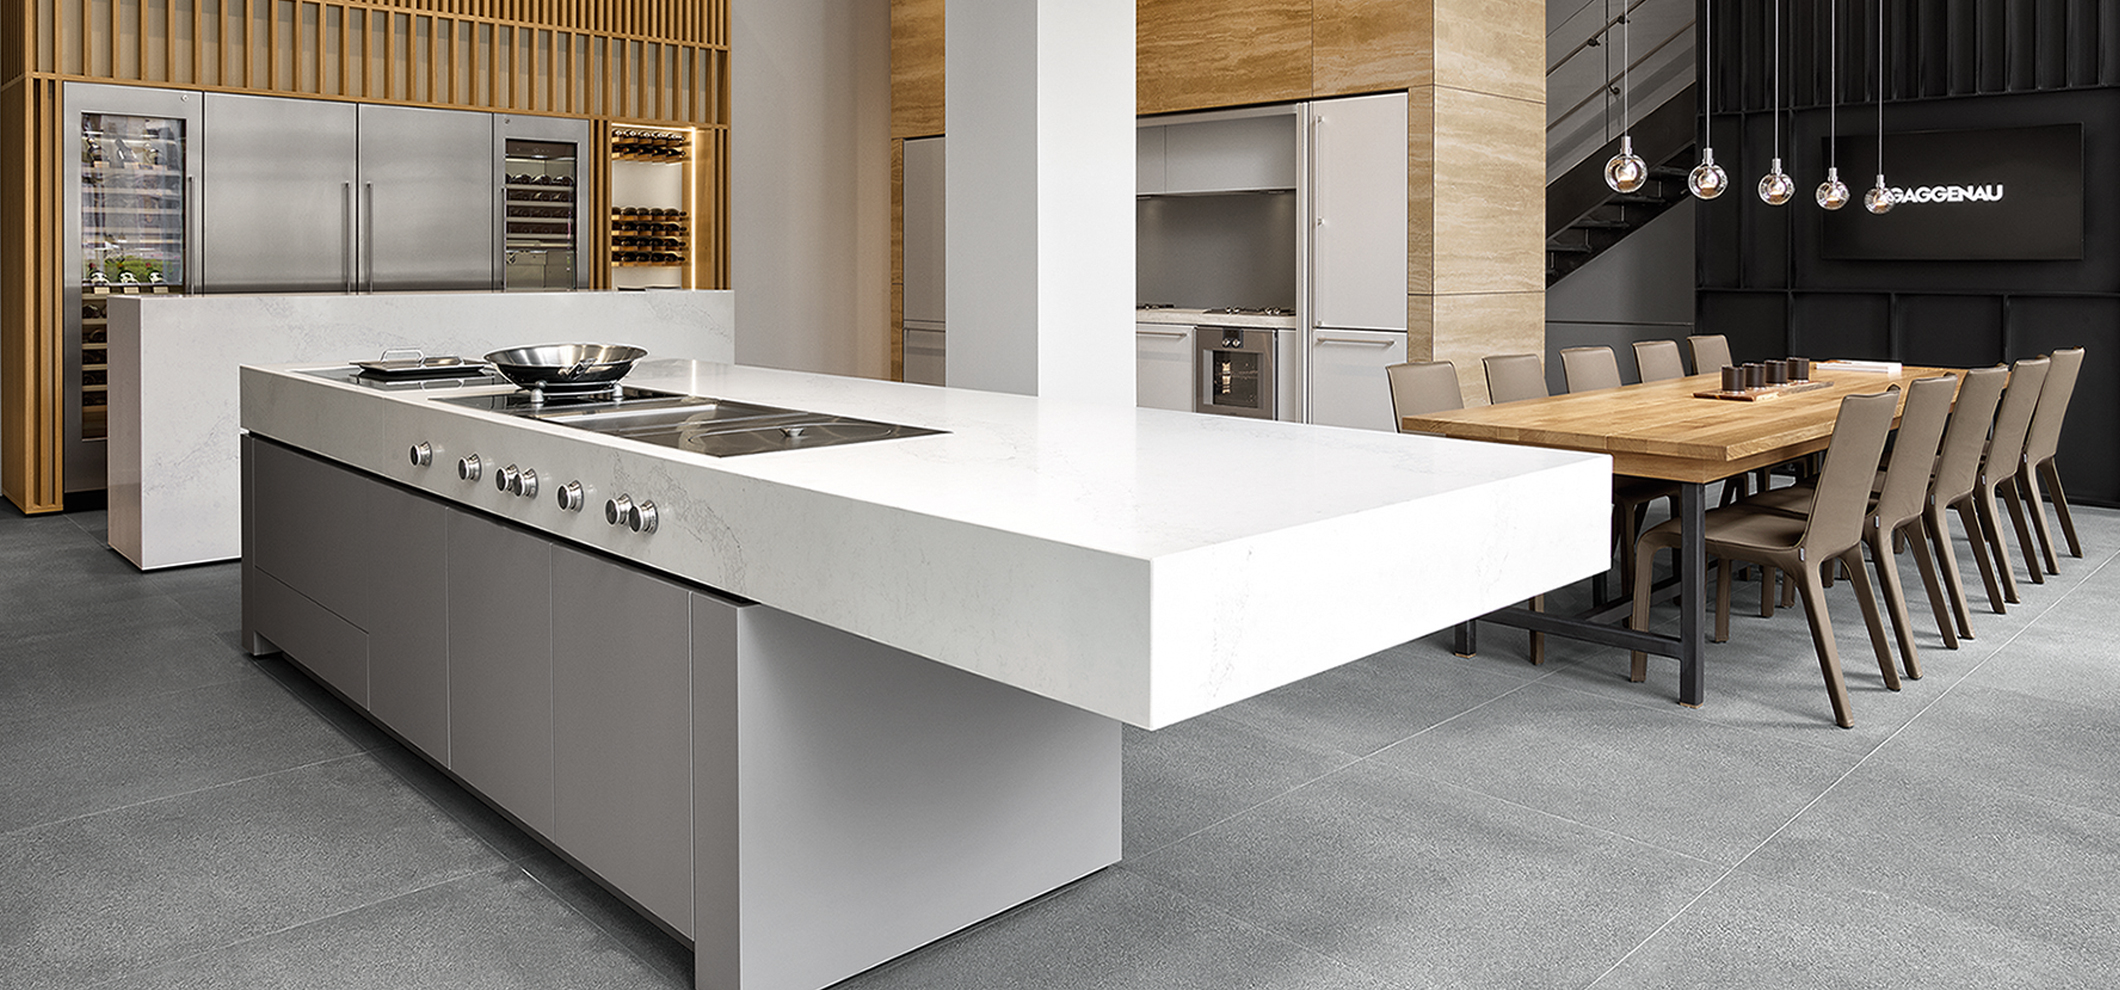 Kuchensysteme architare for Küchensysteme